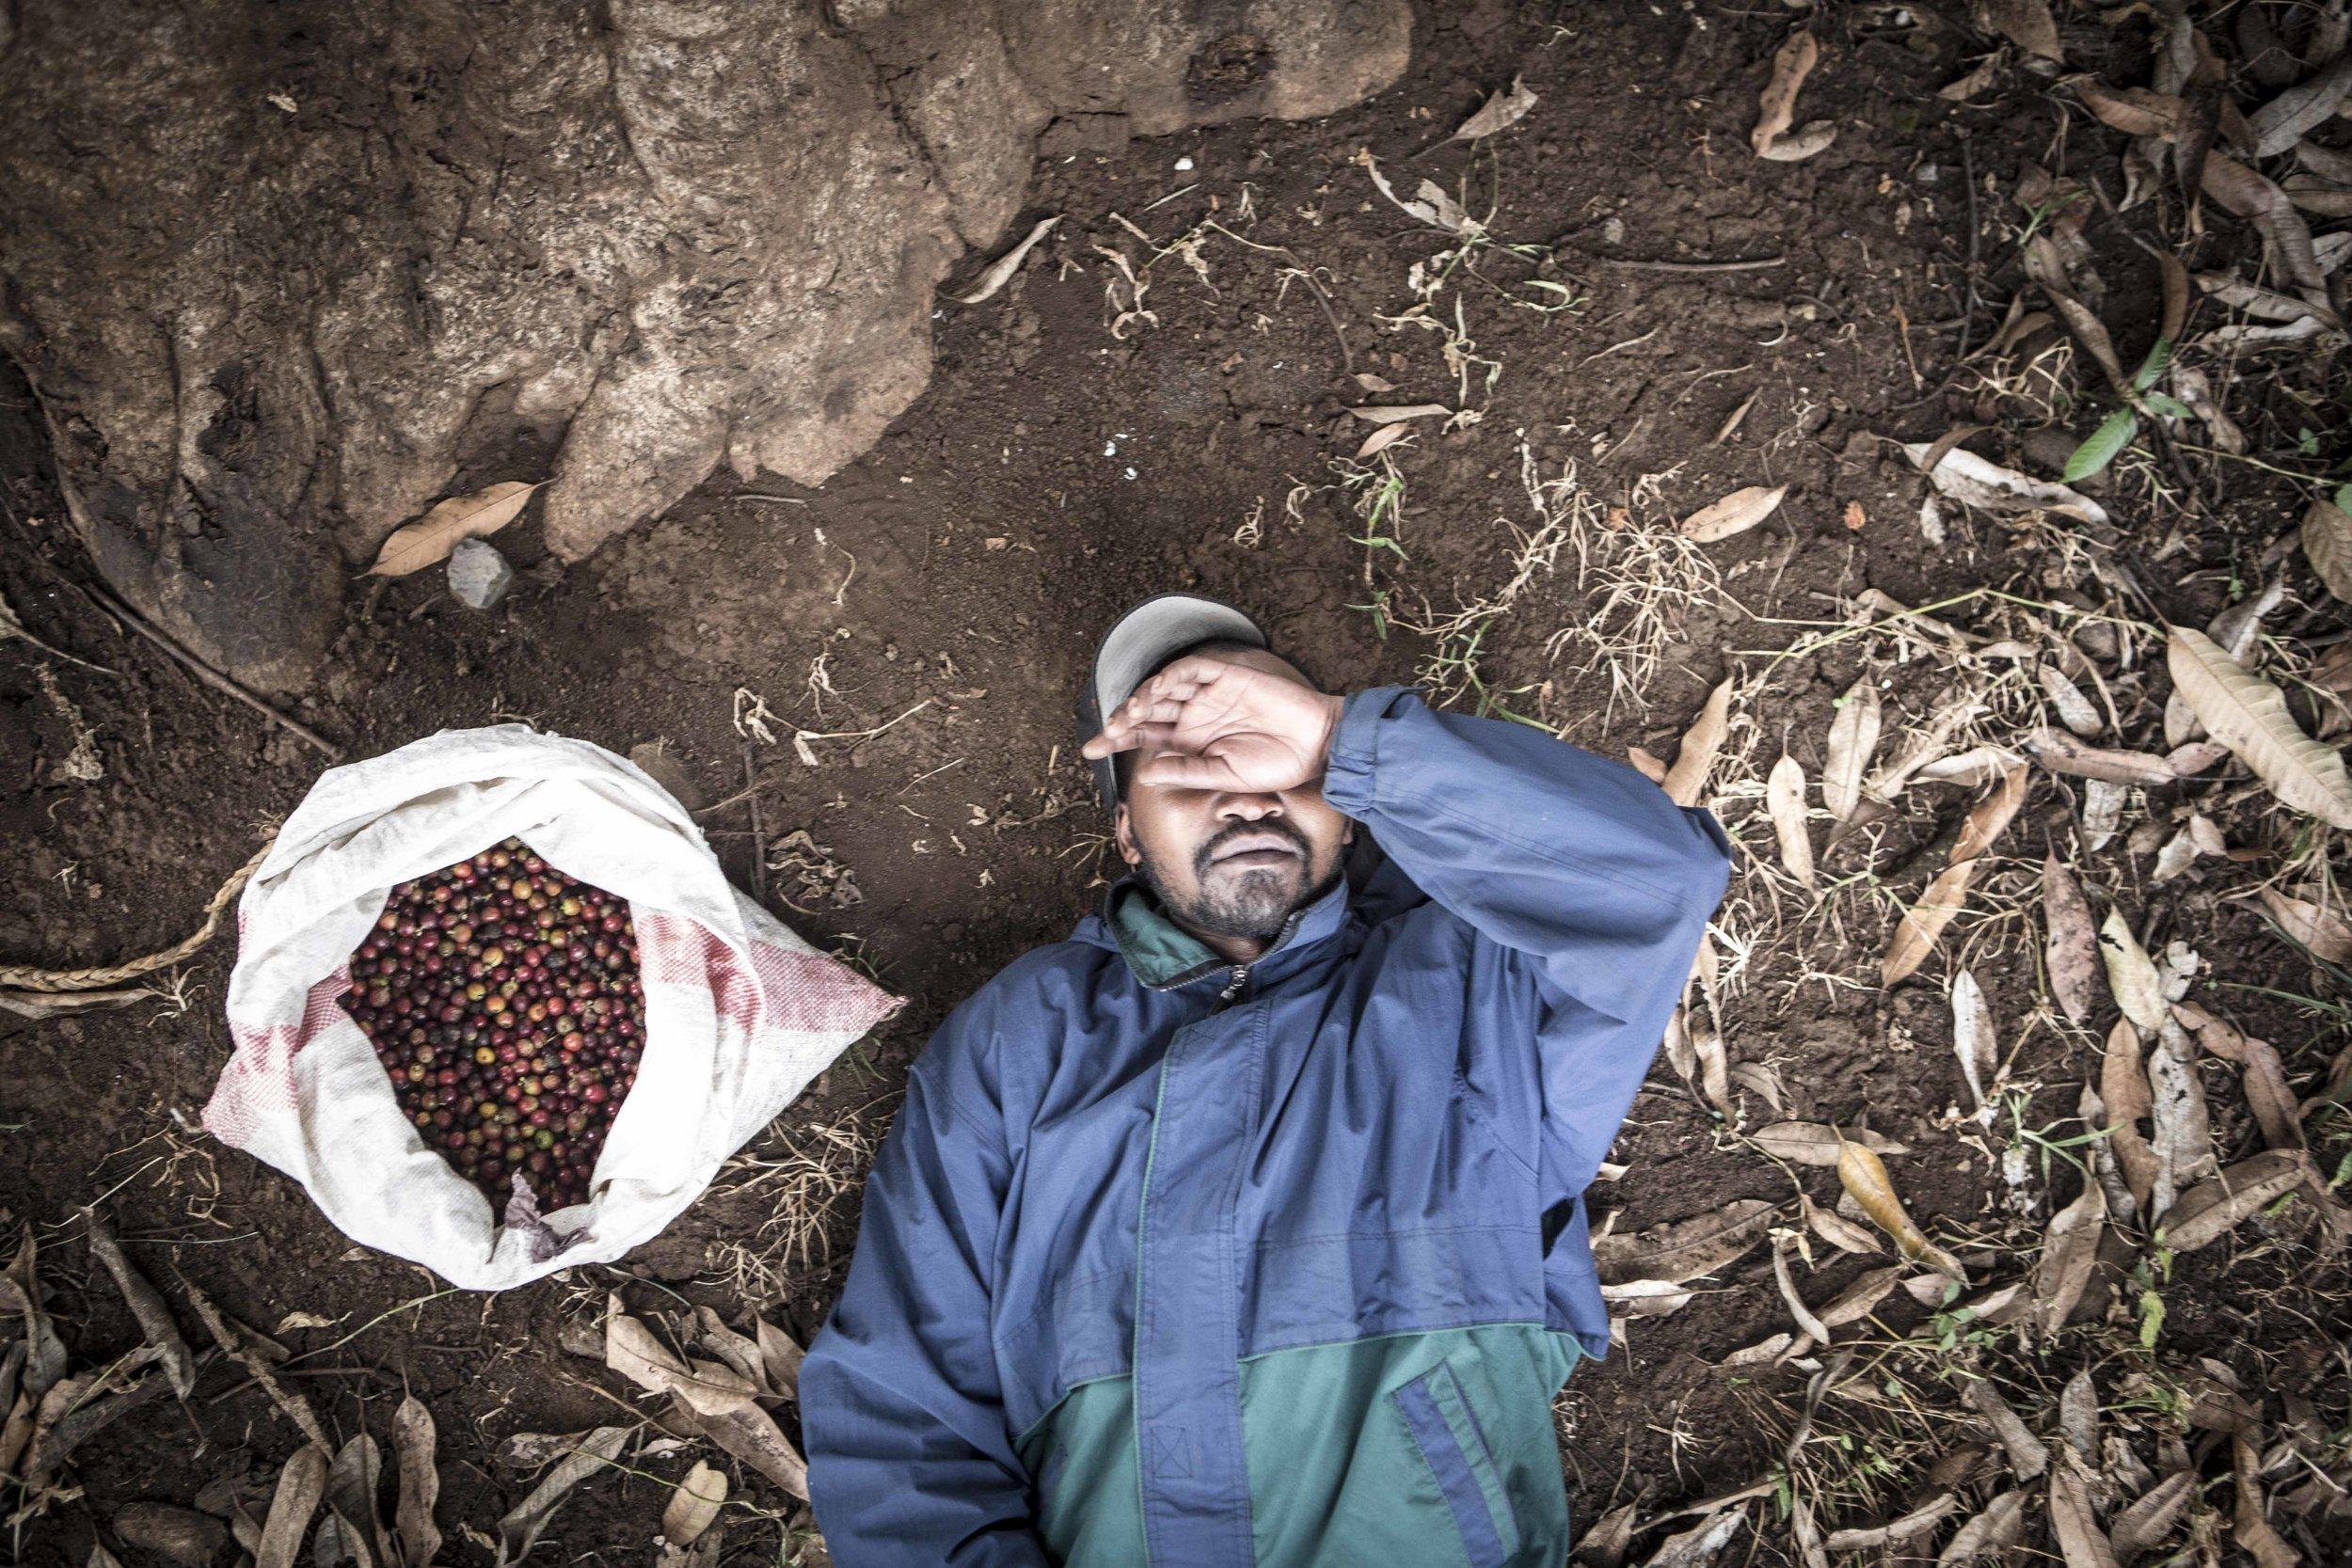 Fair Trade Coffee? - Coffeeproduction at Mount Kilimanjaro in Tanzania